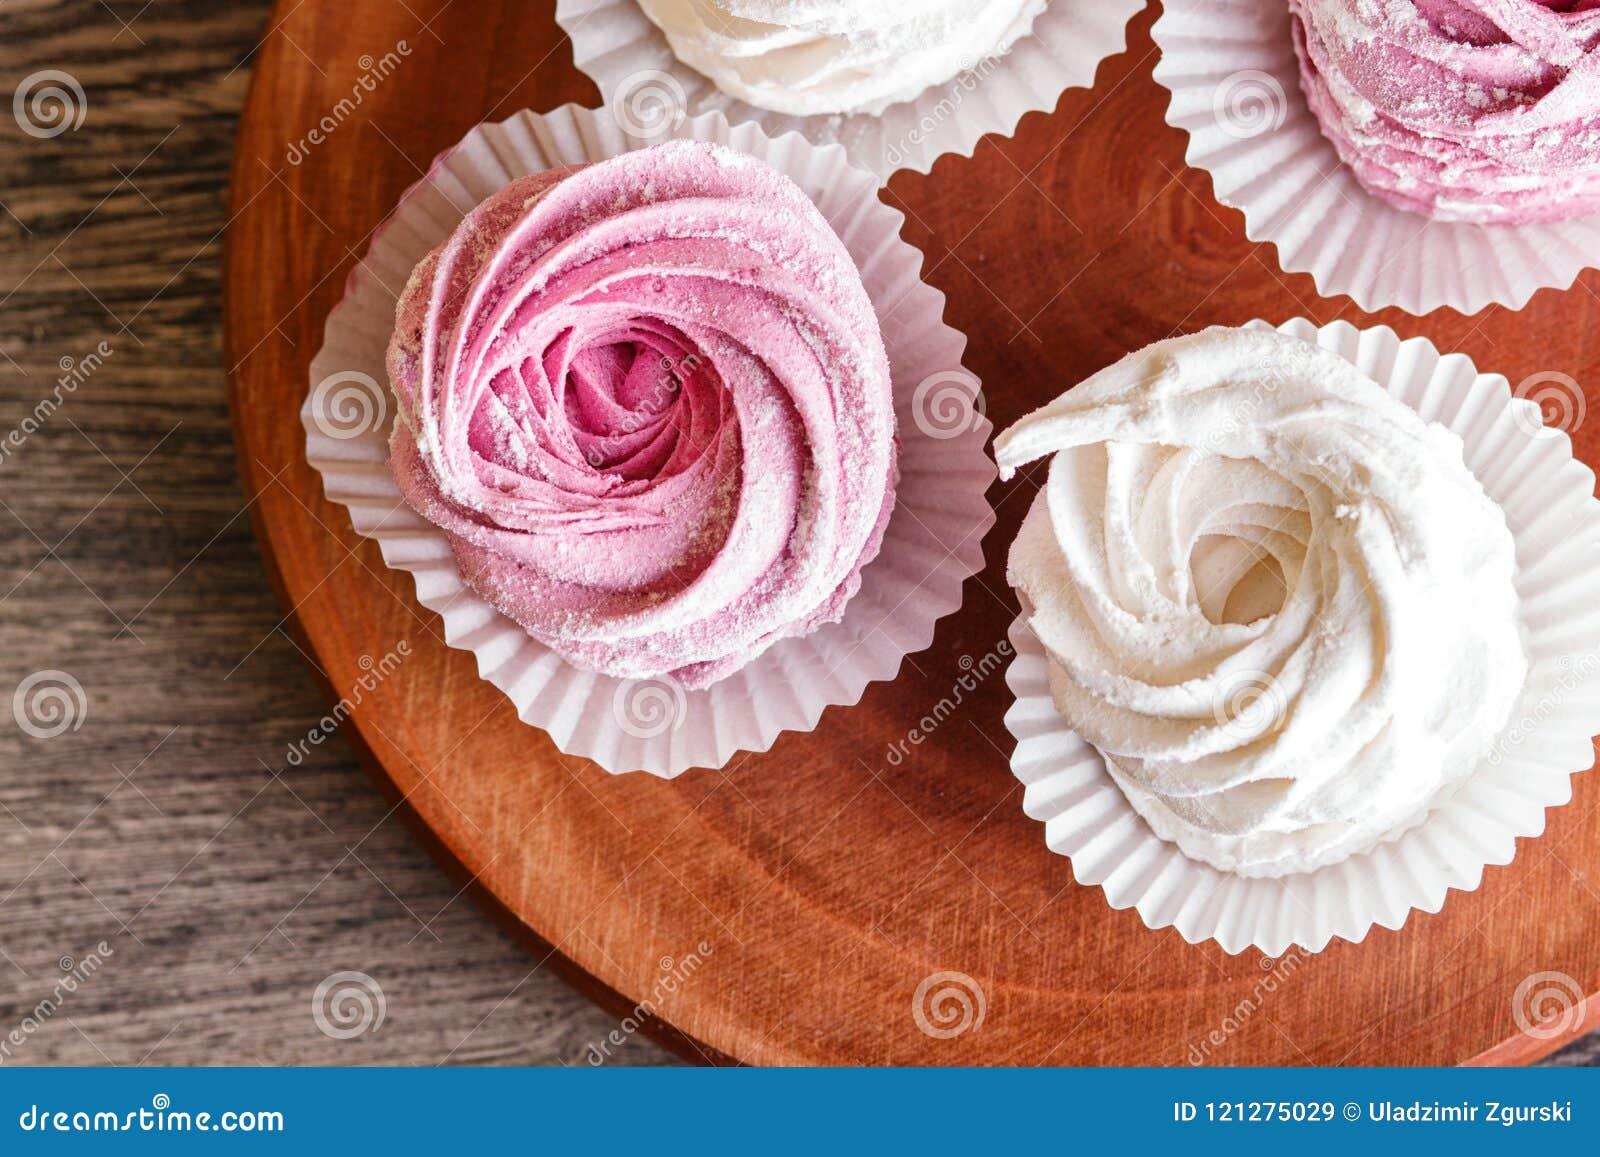 Rosa und weiße Eibische auf einem runden hölzernen Brett